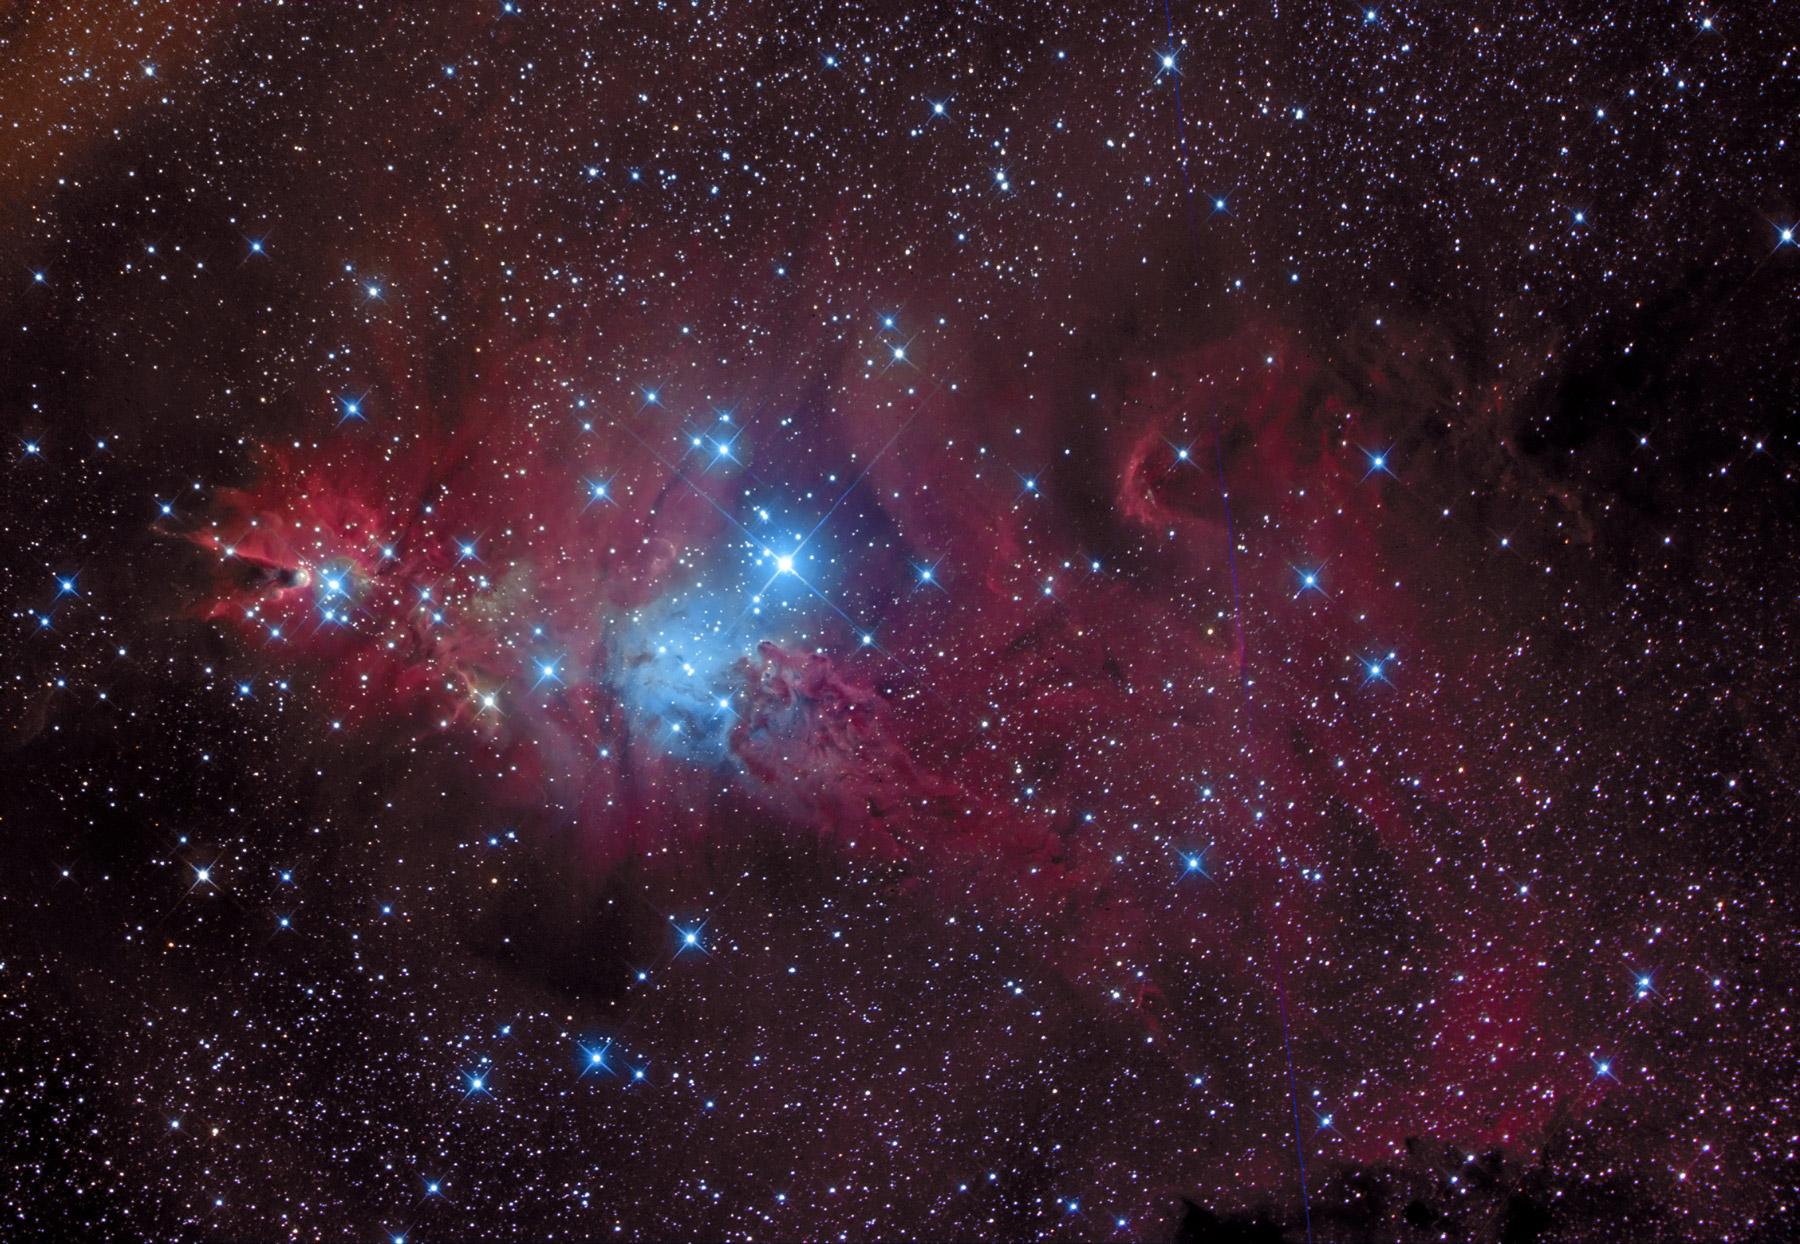 Ngc 2264 cone nebula and christmas tree cluster